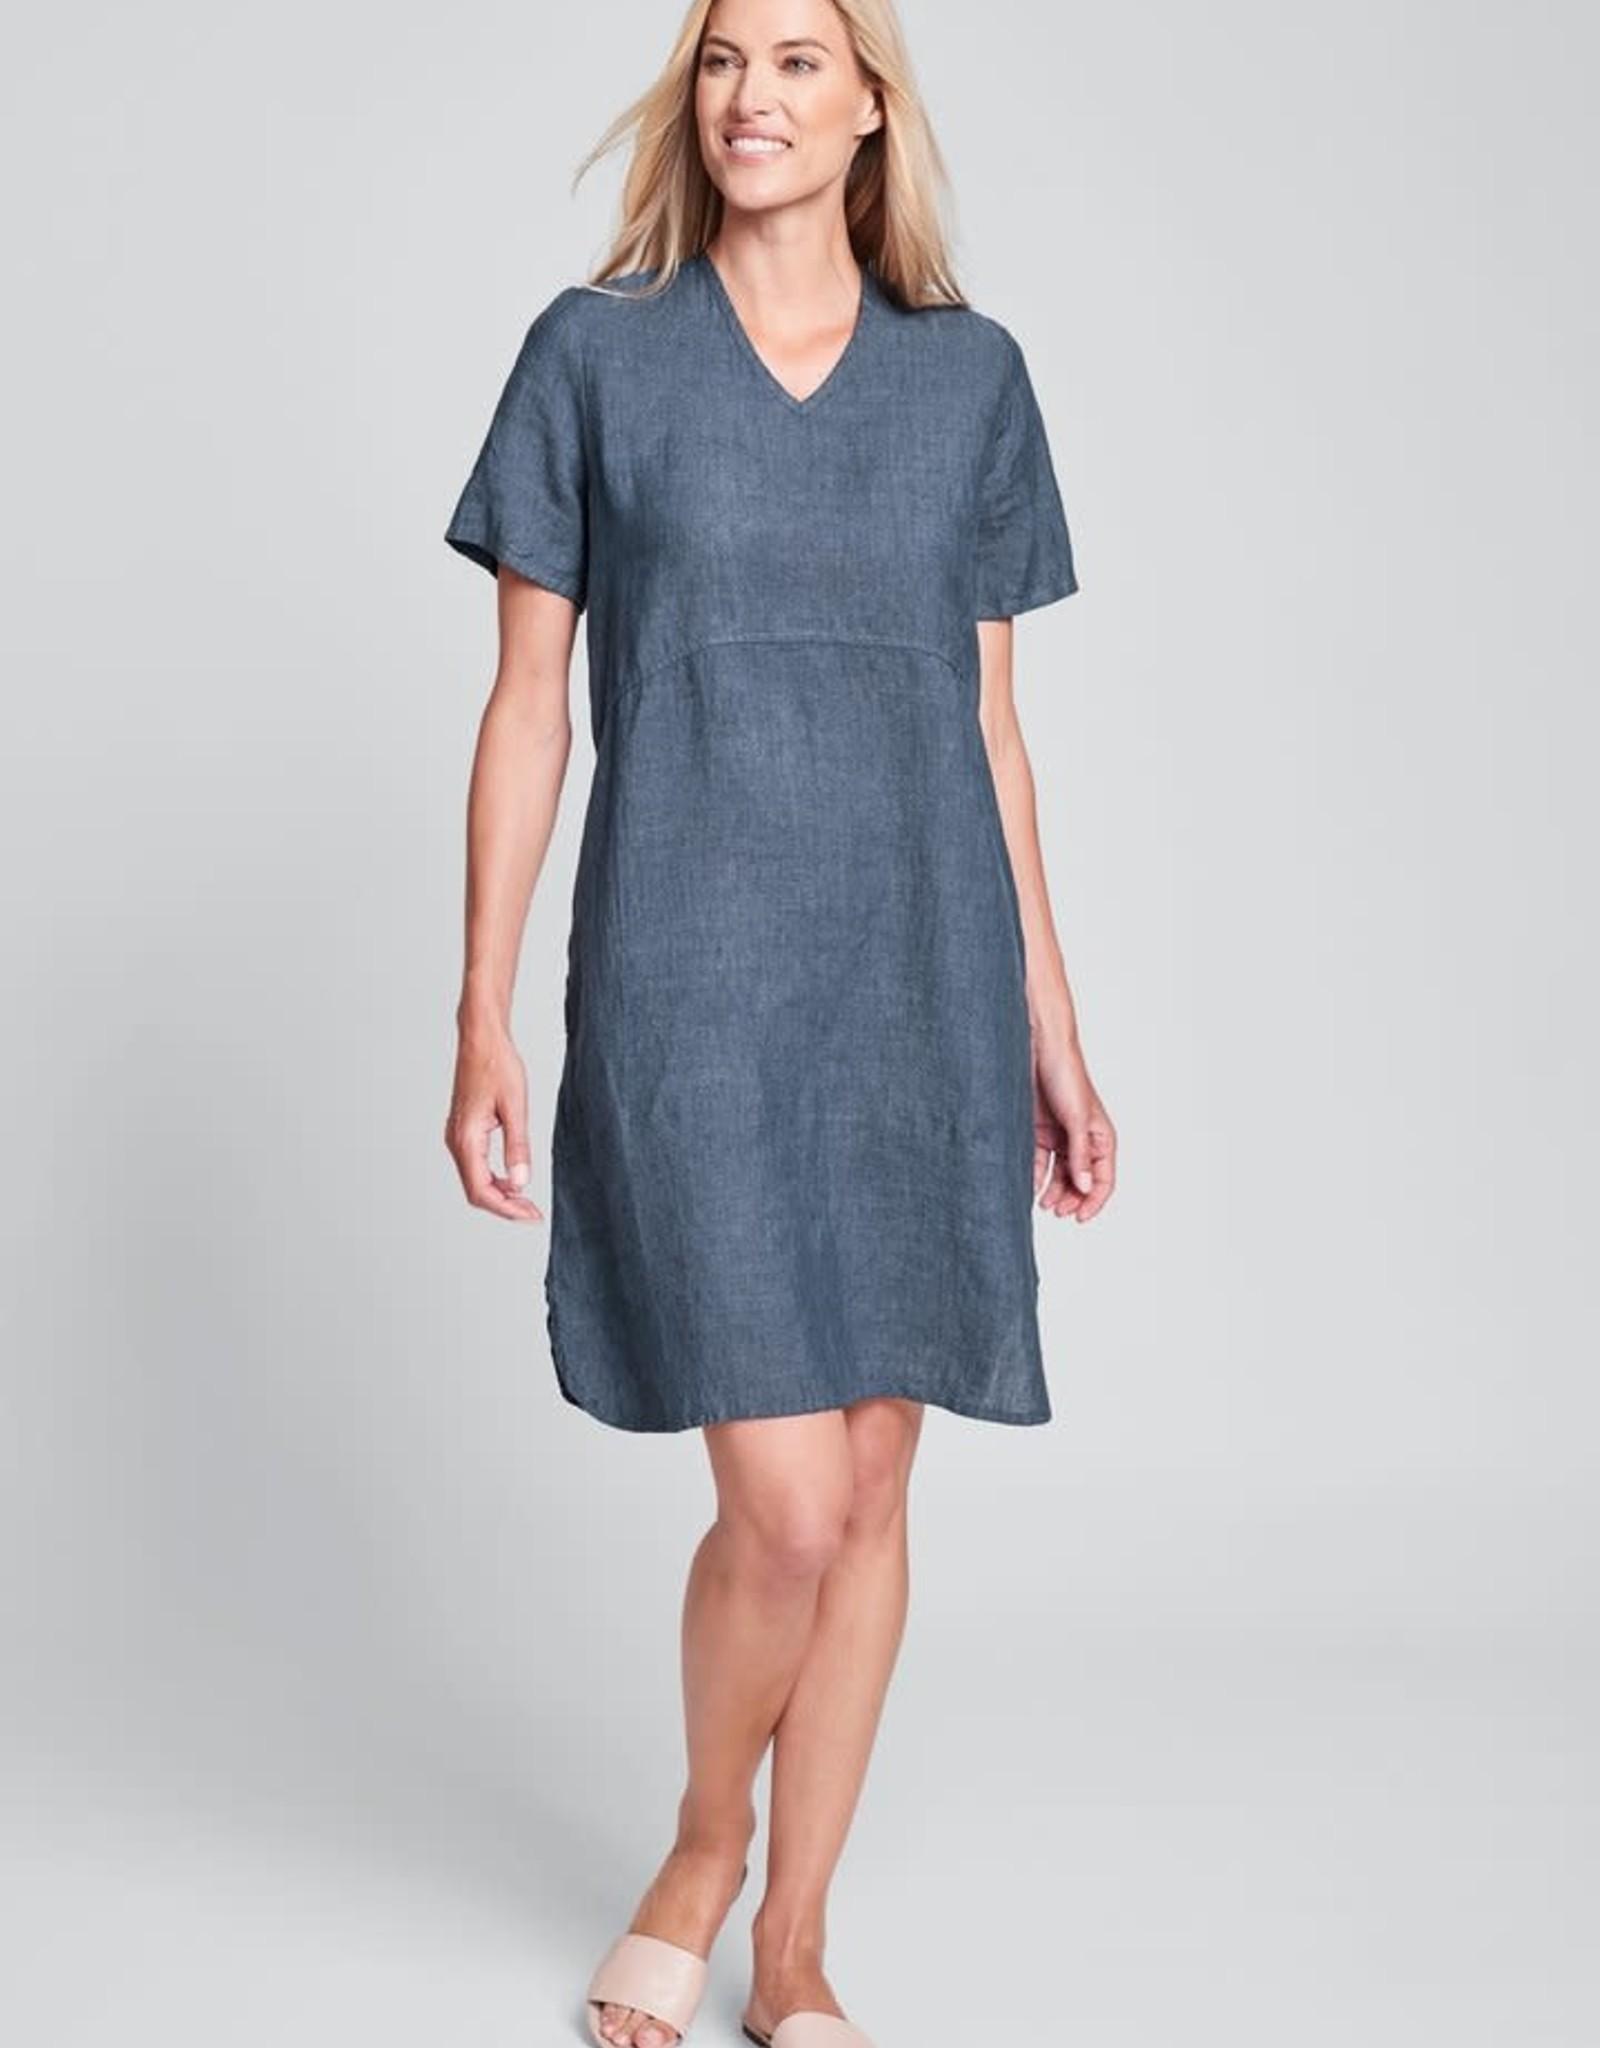 Flax Flax Linen Tee Shirt Dress